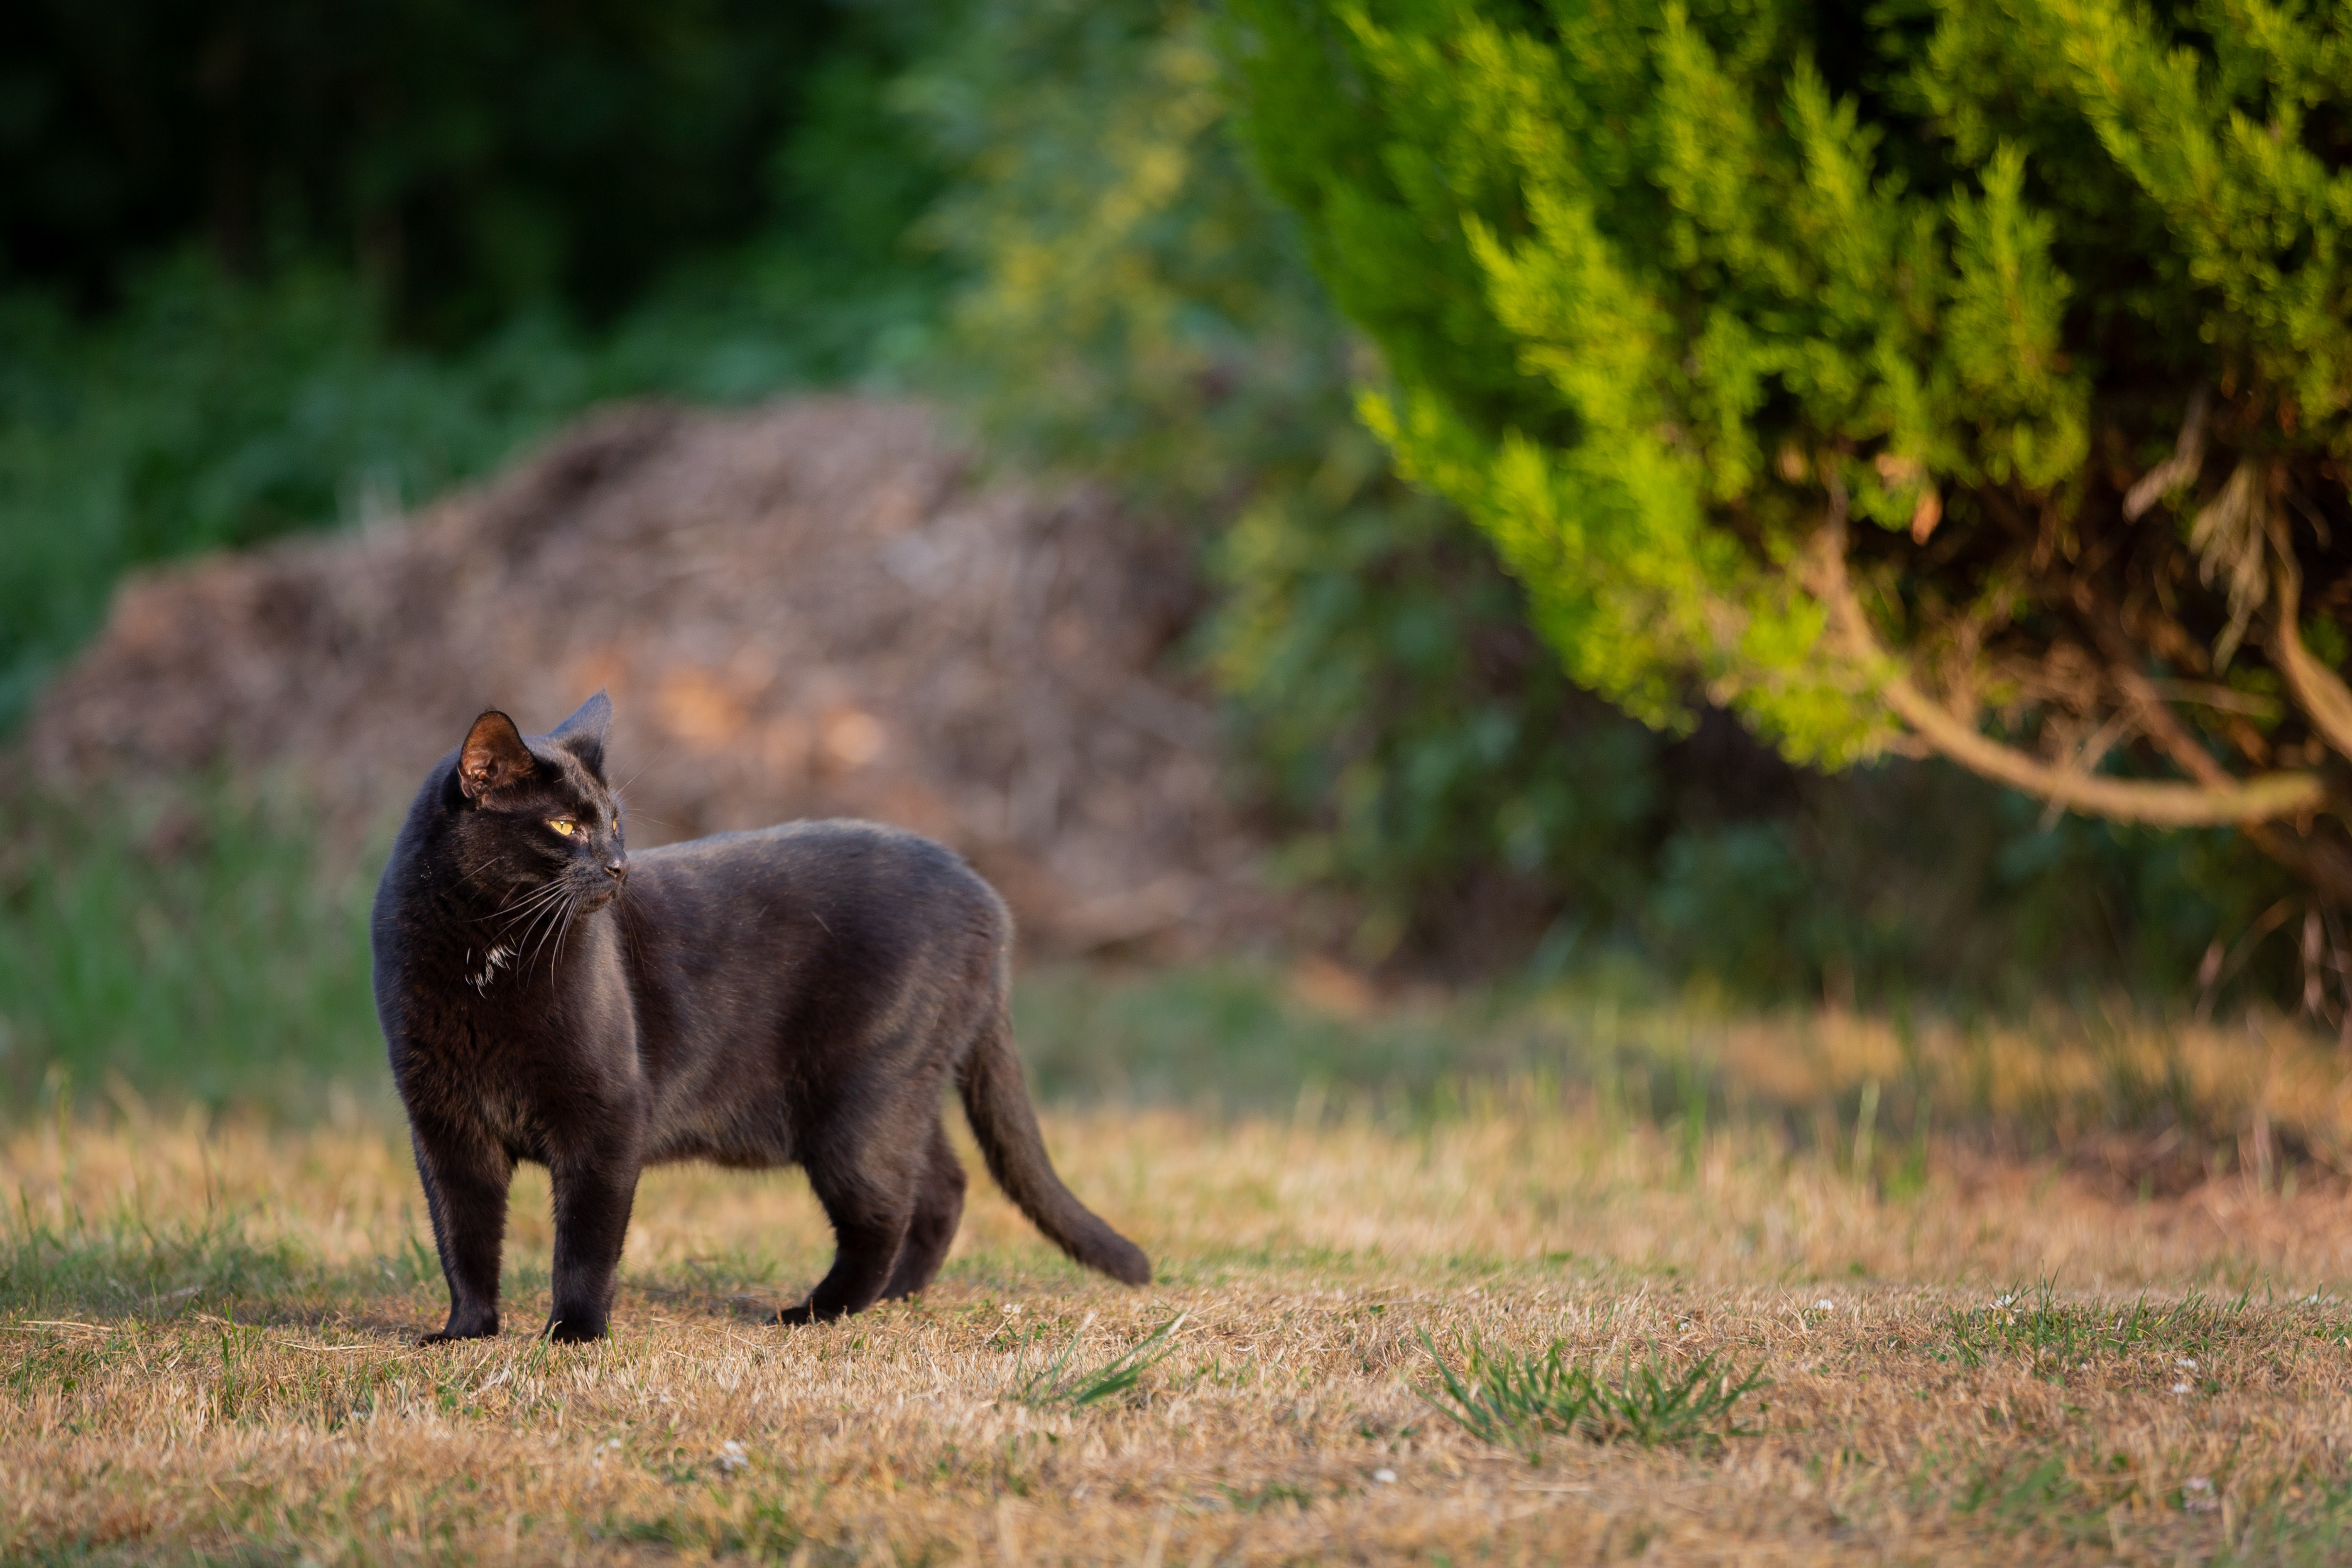 85108 Hintergrundbild 720x1280 kostenlos auf deinem Handy, lade Bilder Tiere, Der Kater, Katze, Bummel, Spaziergang, Schwarzer Kater, Black Cat 720x1280 auf dein Handy herunter